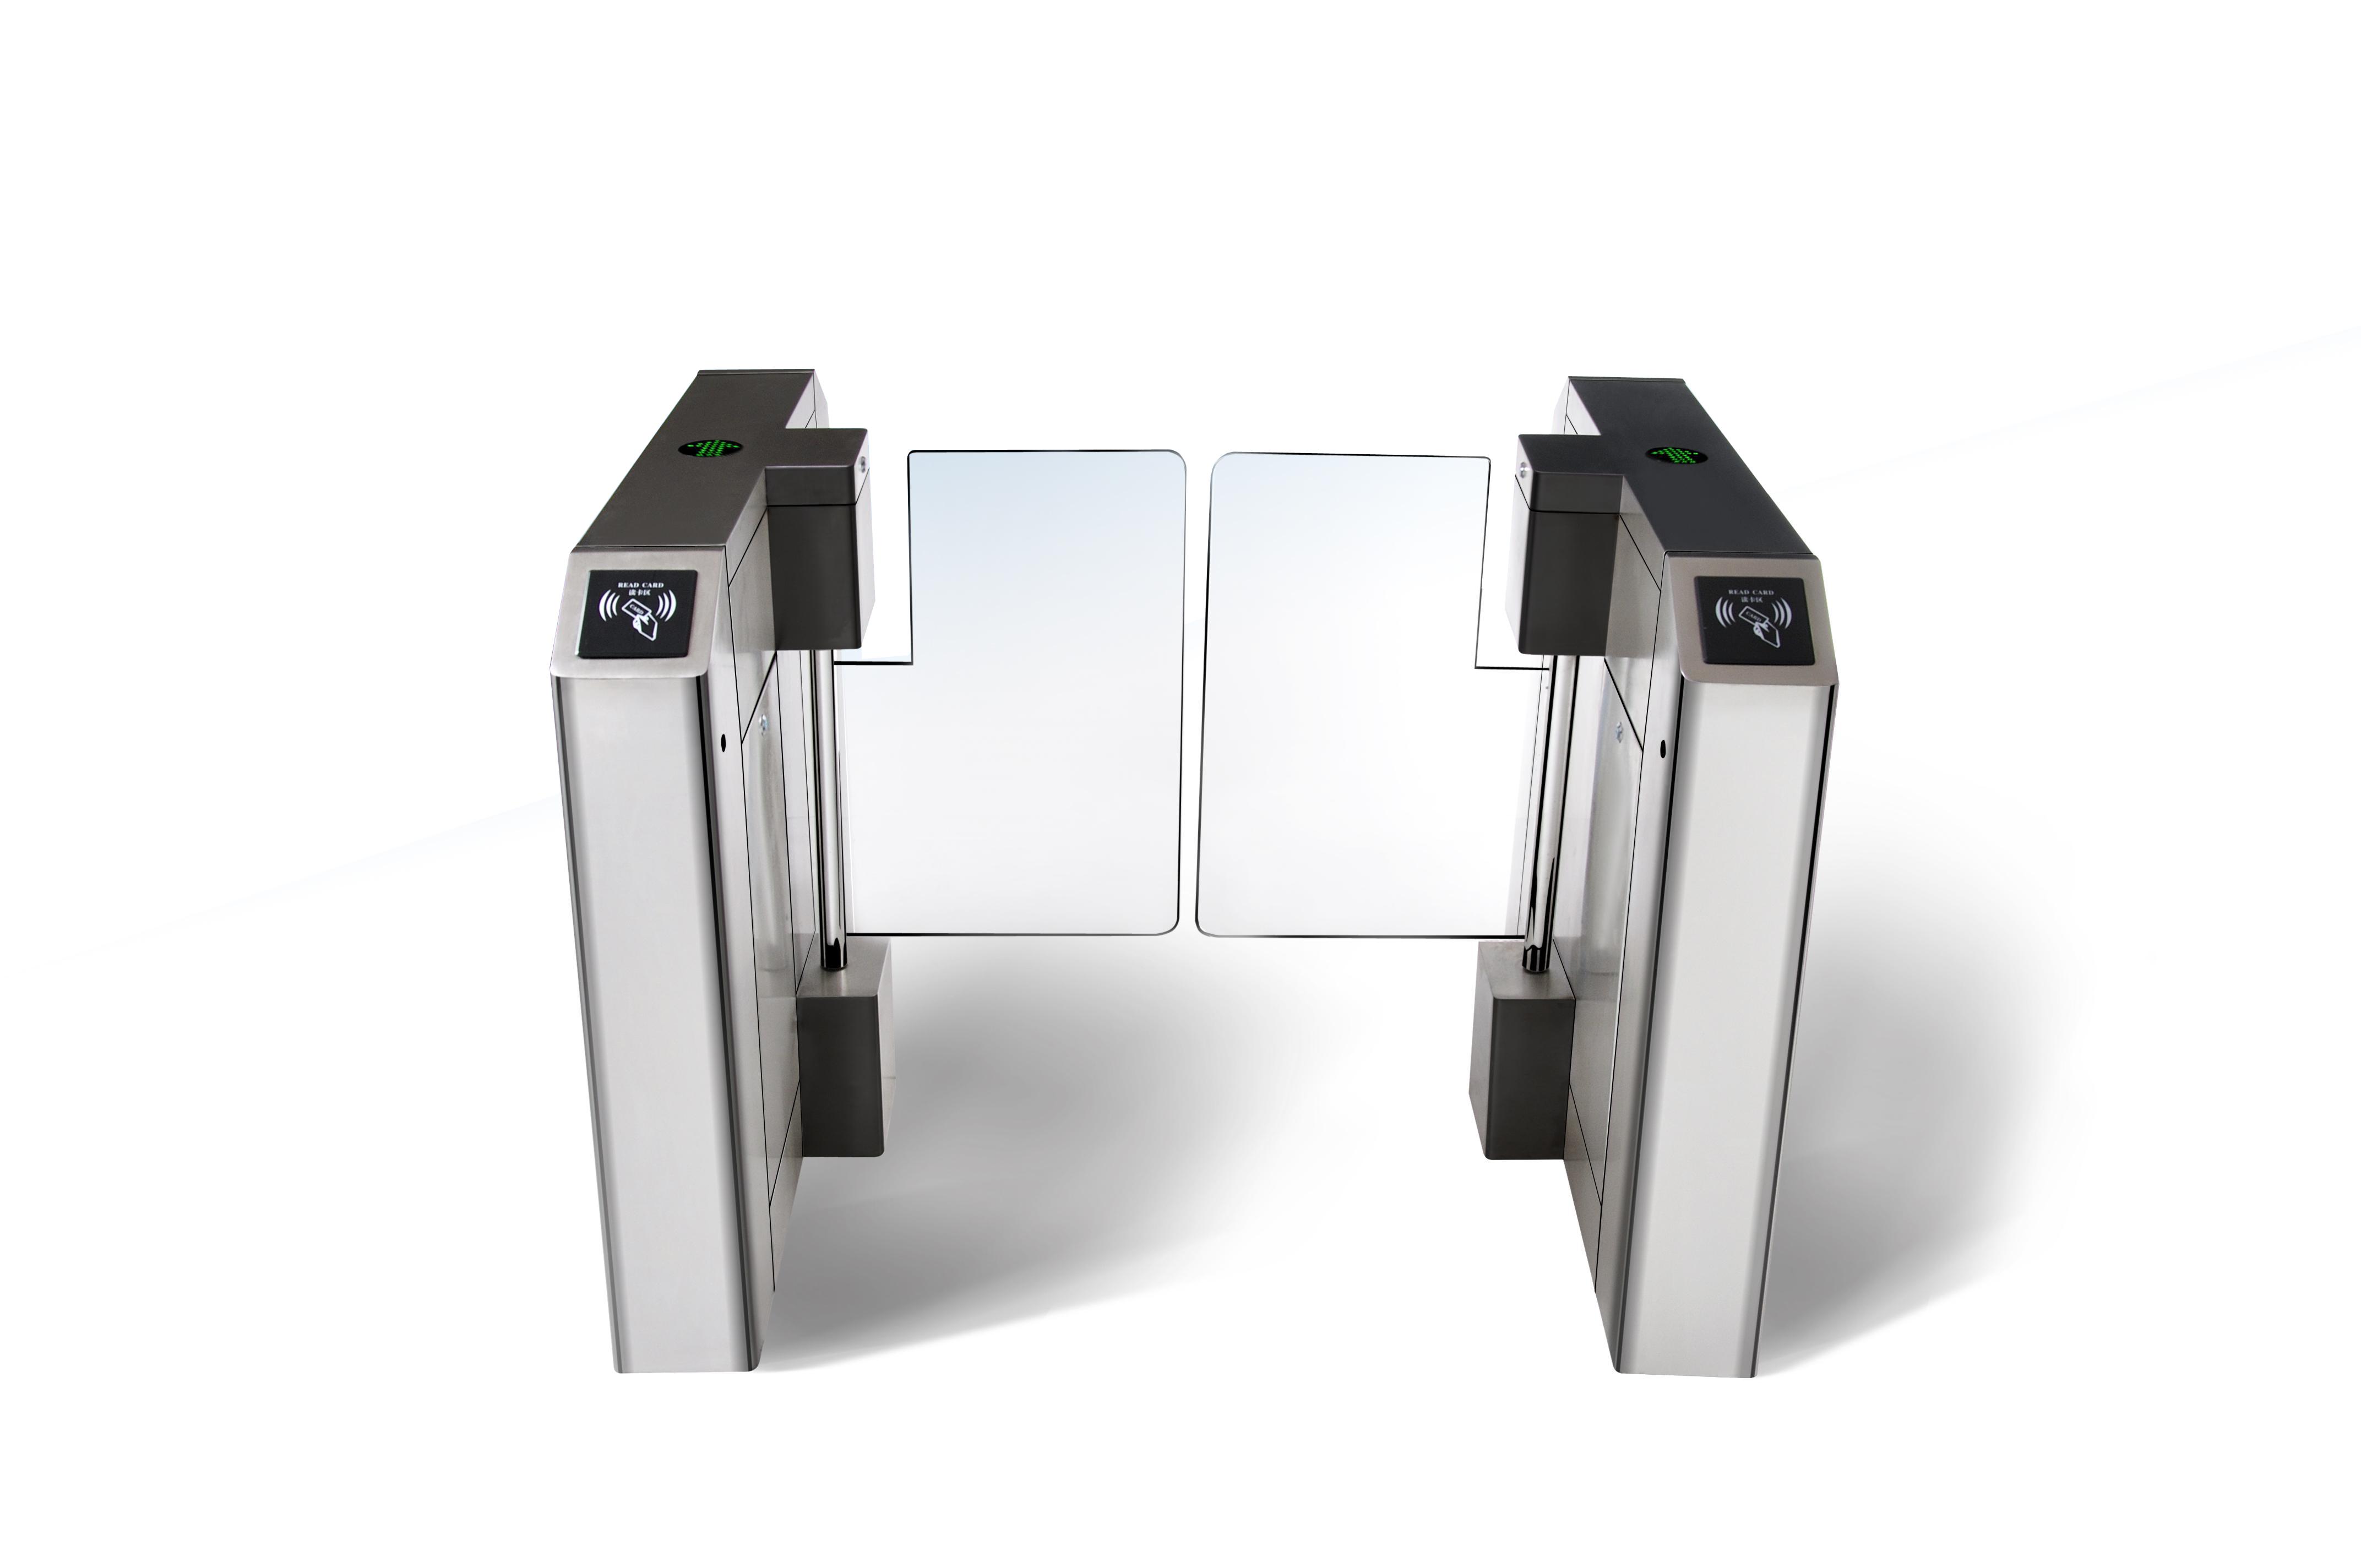 写字楼实名制访客闸机展二维码平移门大厦人脸识别人行通道平移闸